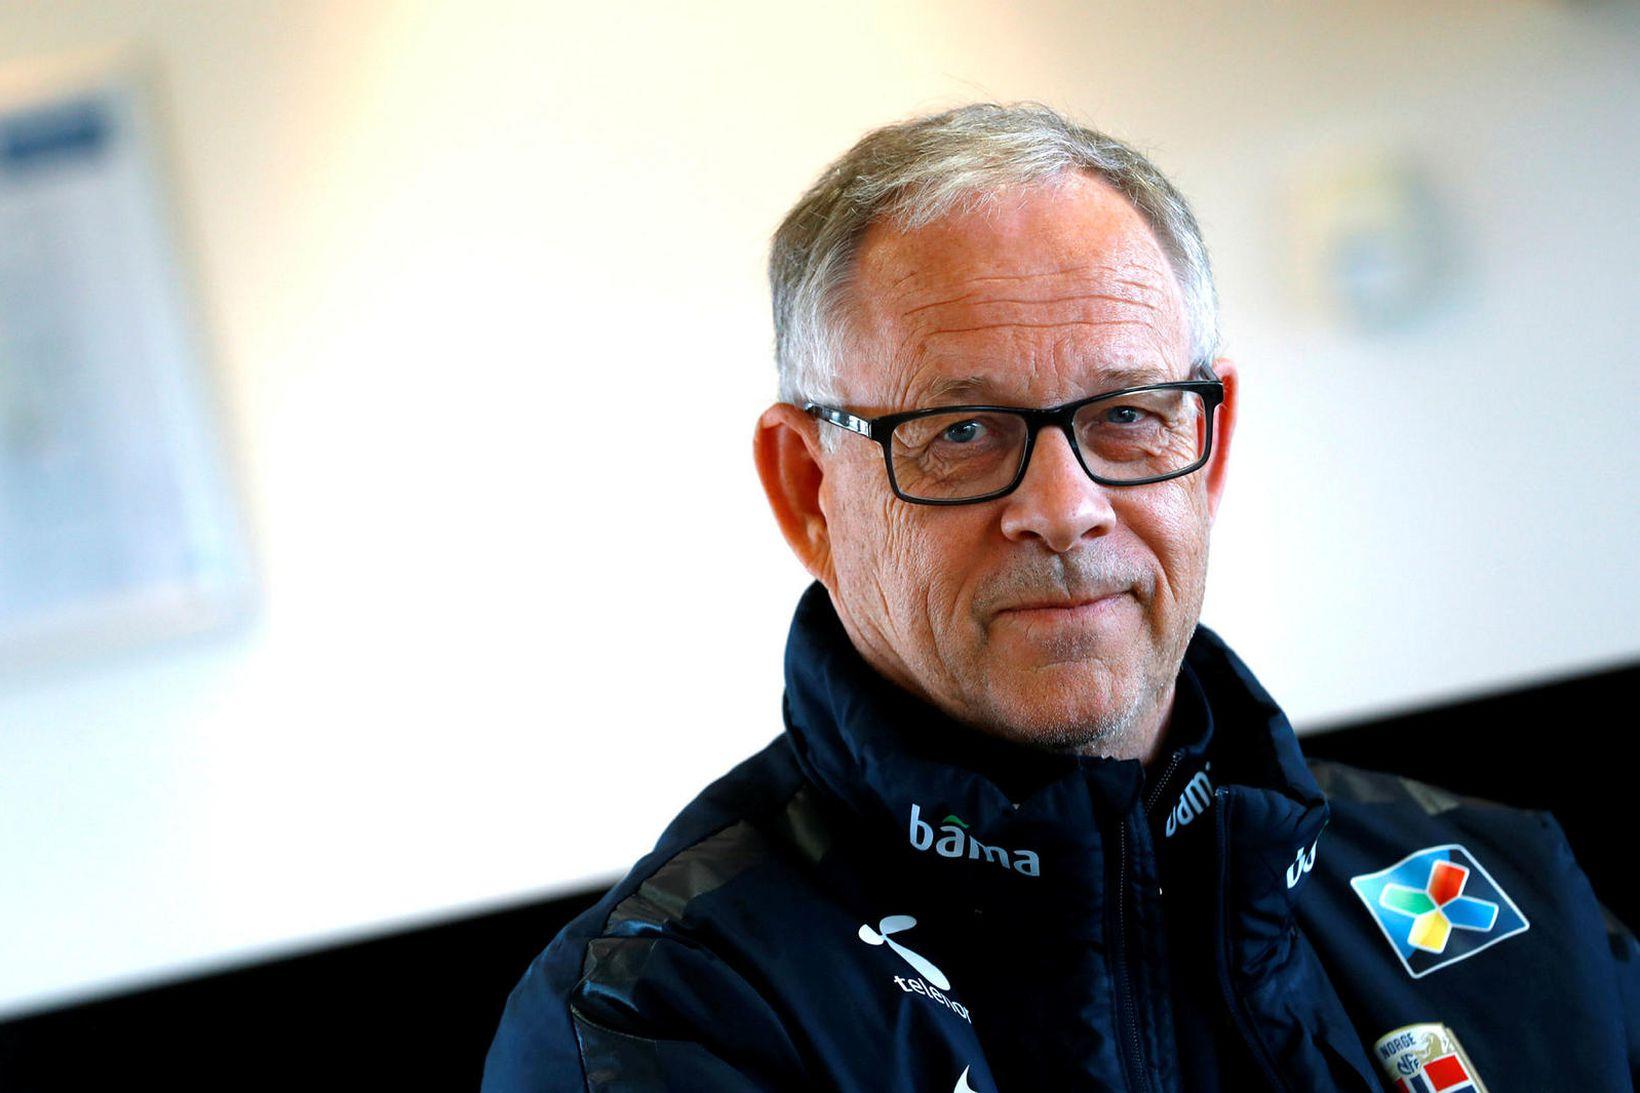 Lars Lagerbäck verður áfram landsliðsþjálfari Norðmanna í knattspyrnu.